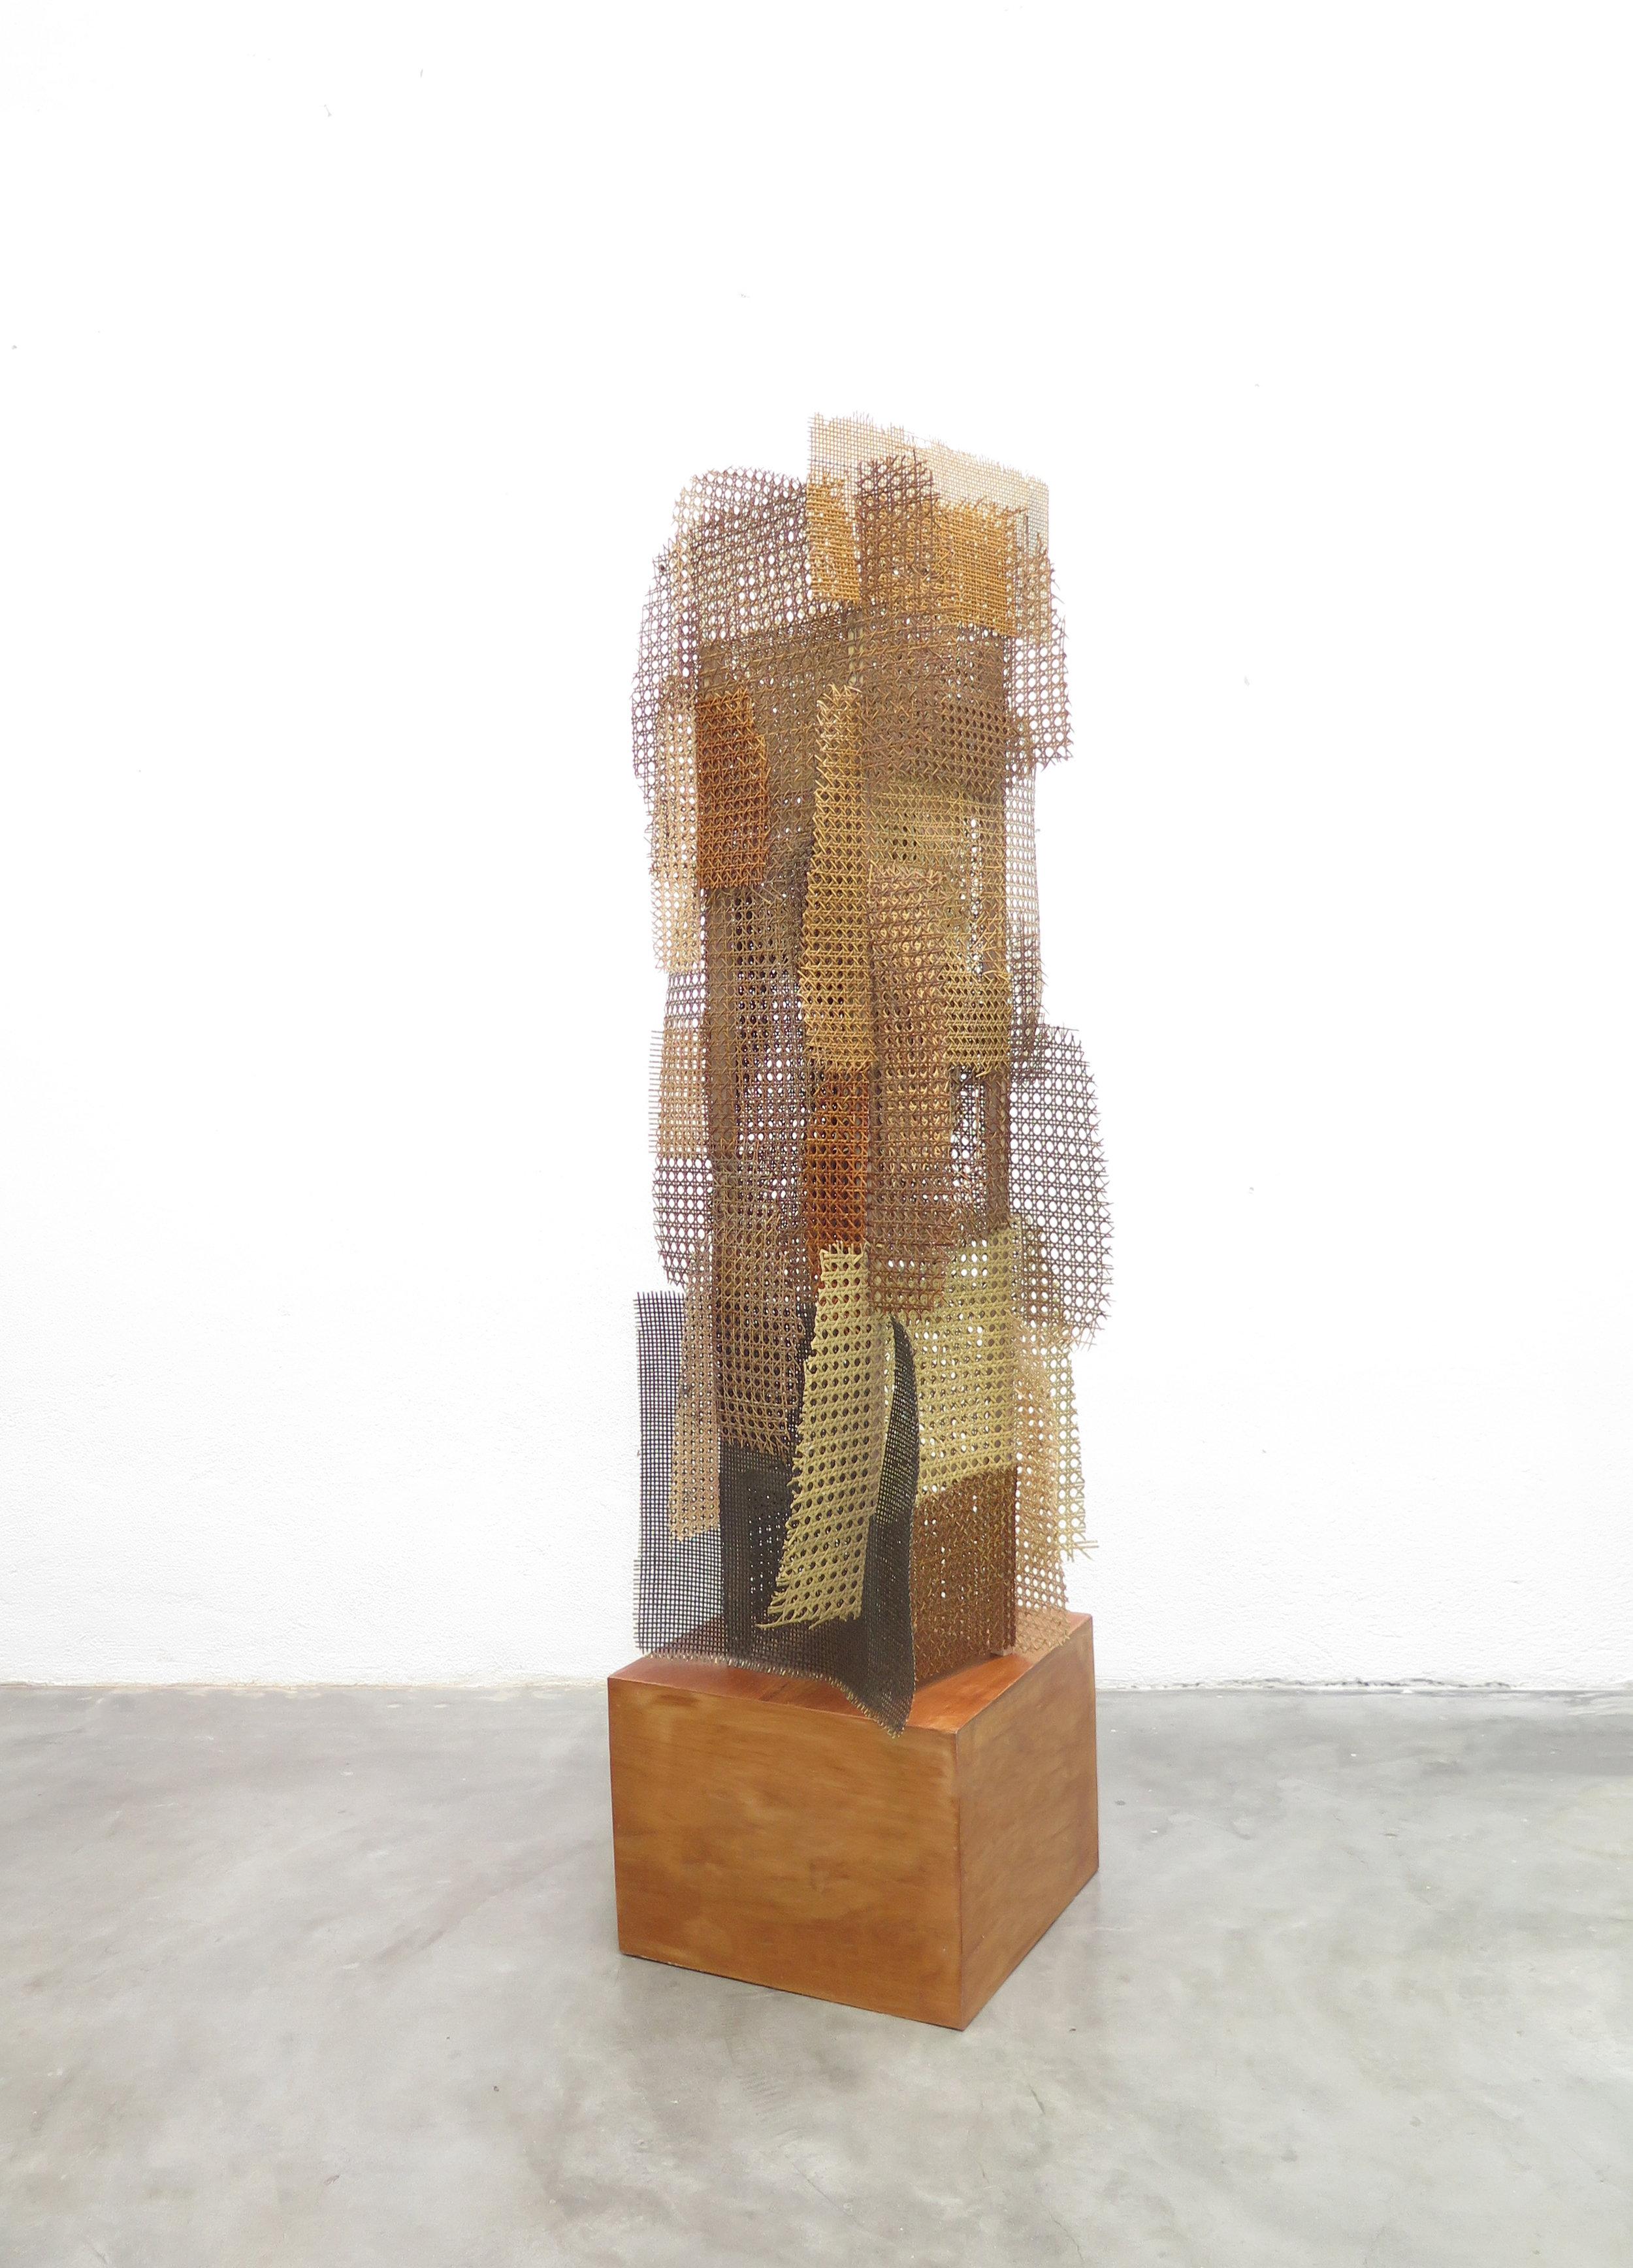 Mano Penalva, Palhinha, 2019, Palinha, madeira e prego, 160 x 50 x 50 cm - cópia.jpg